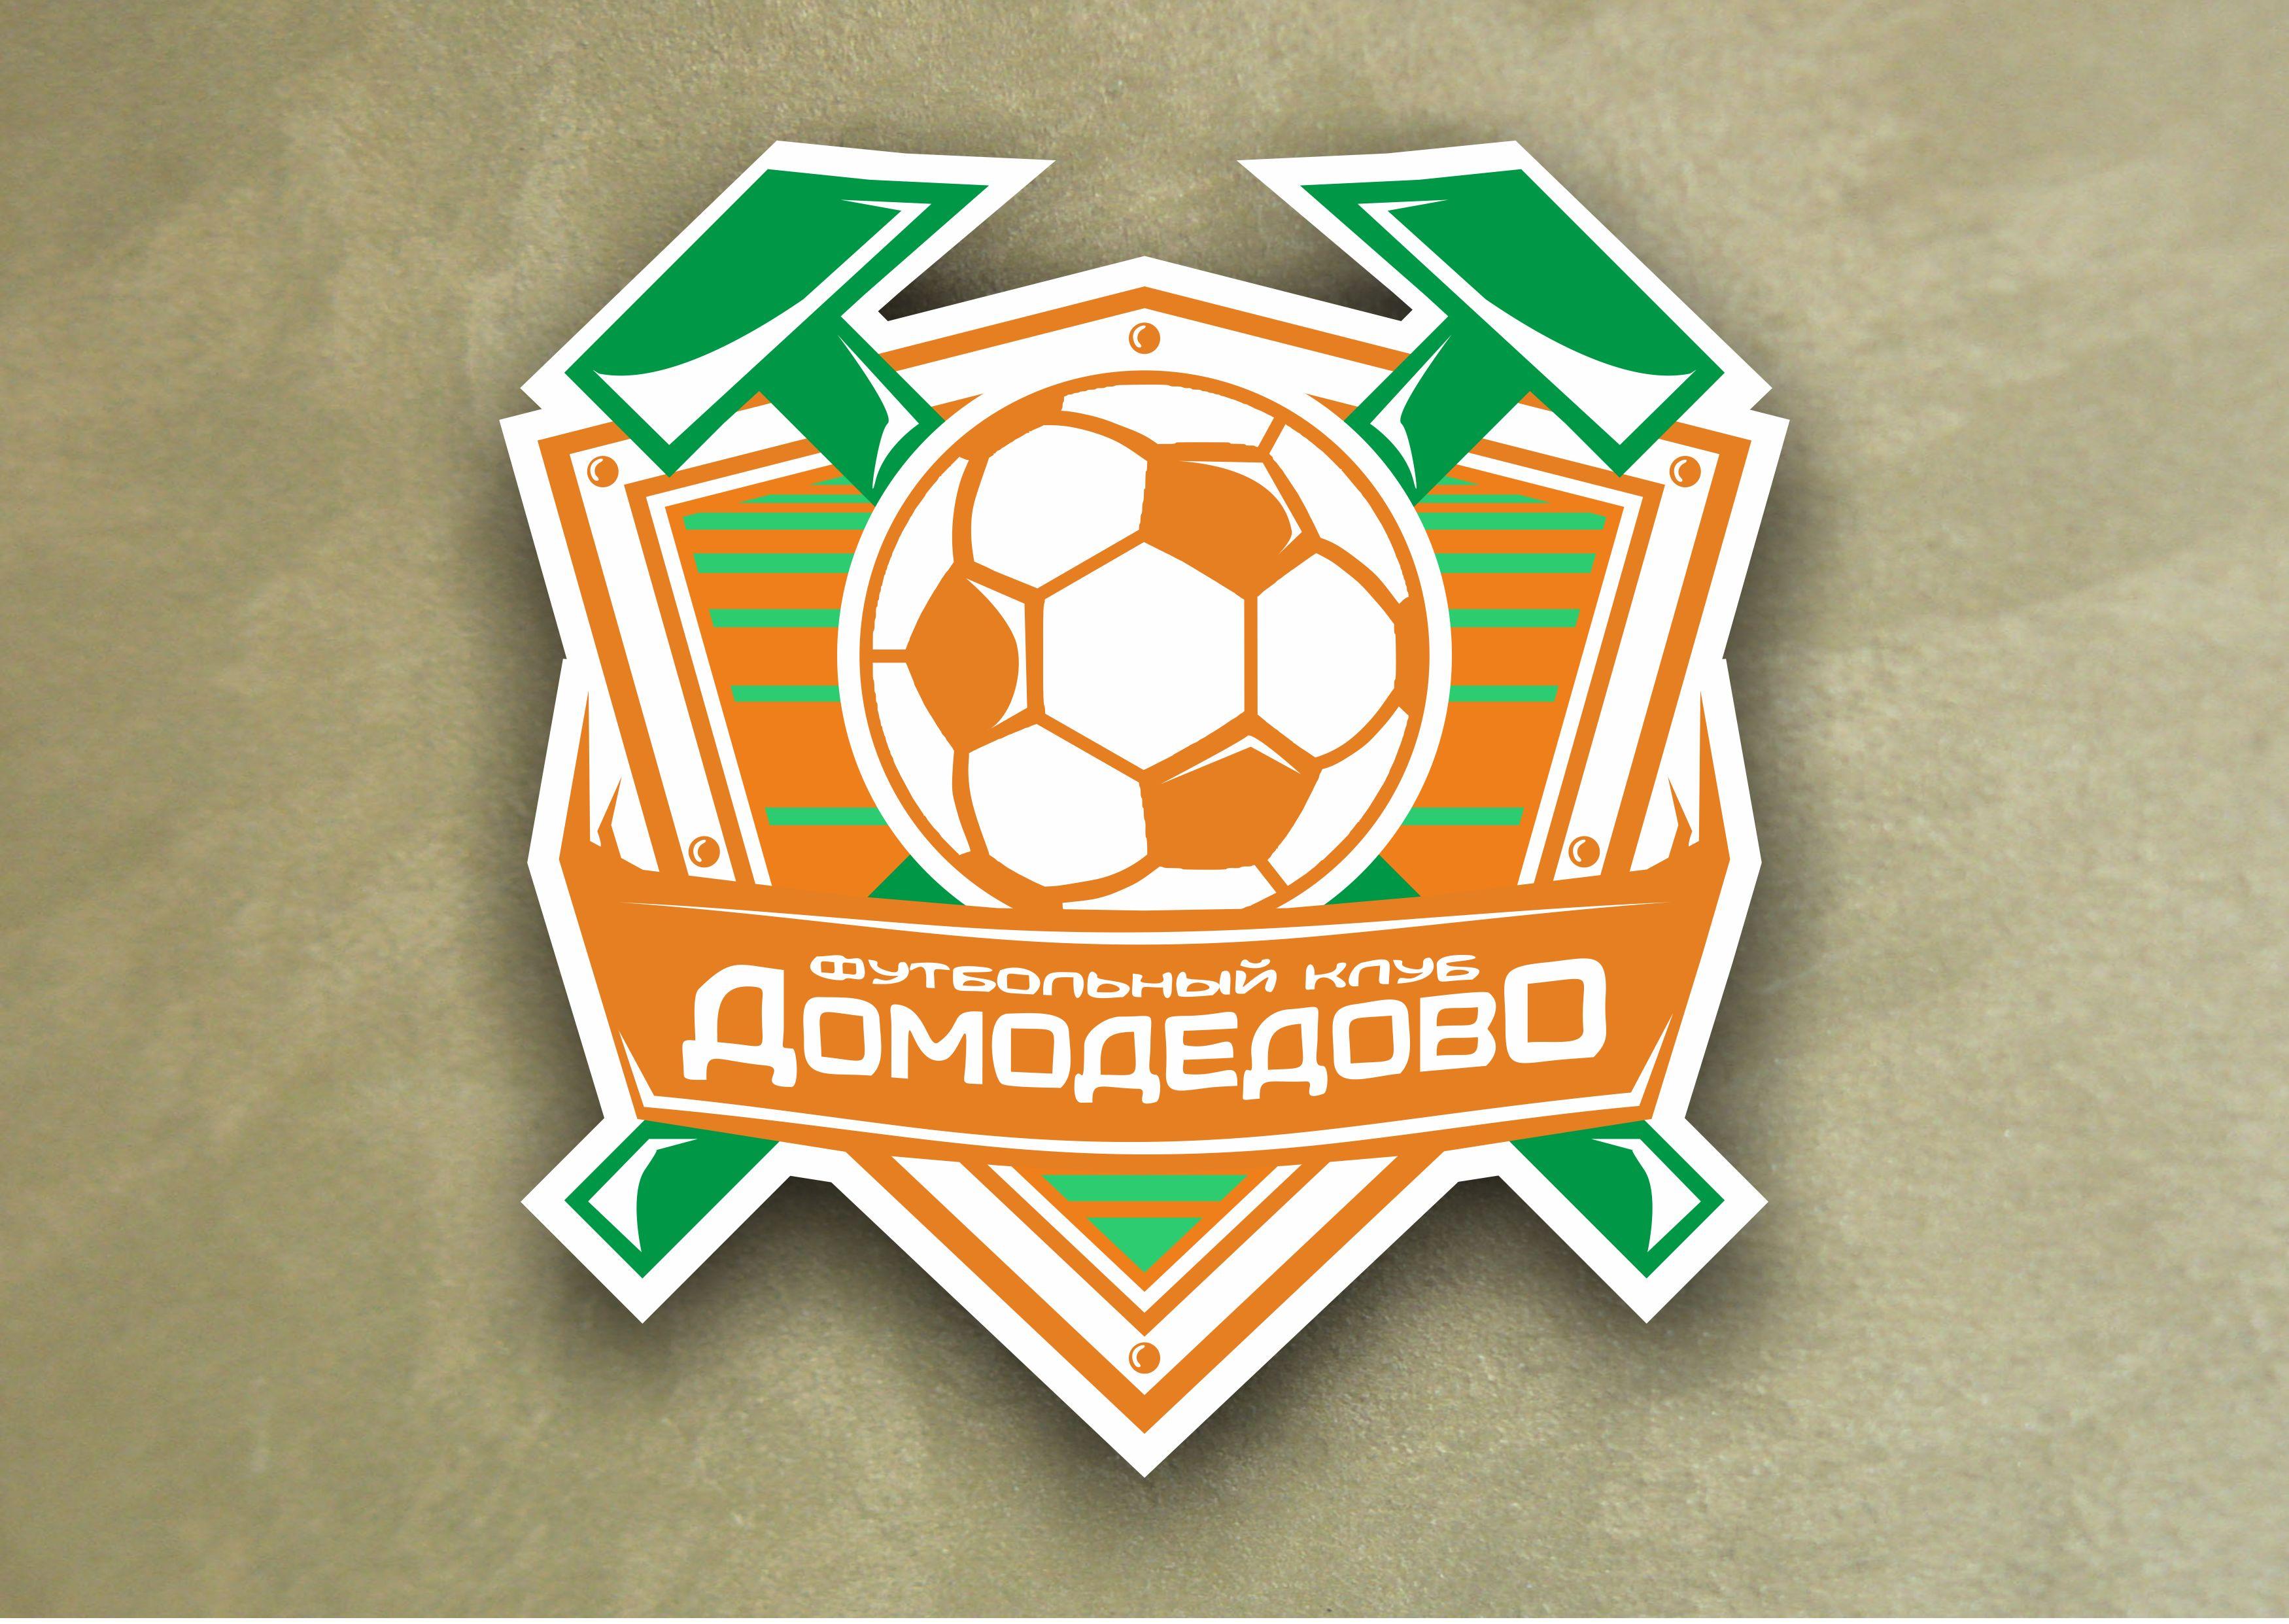 Логотип (Эмблема) для нового Футбольного клуба - дизайнер VadimNJet